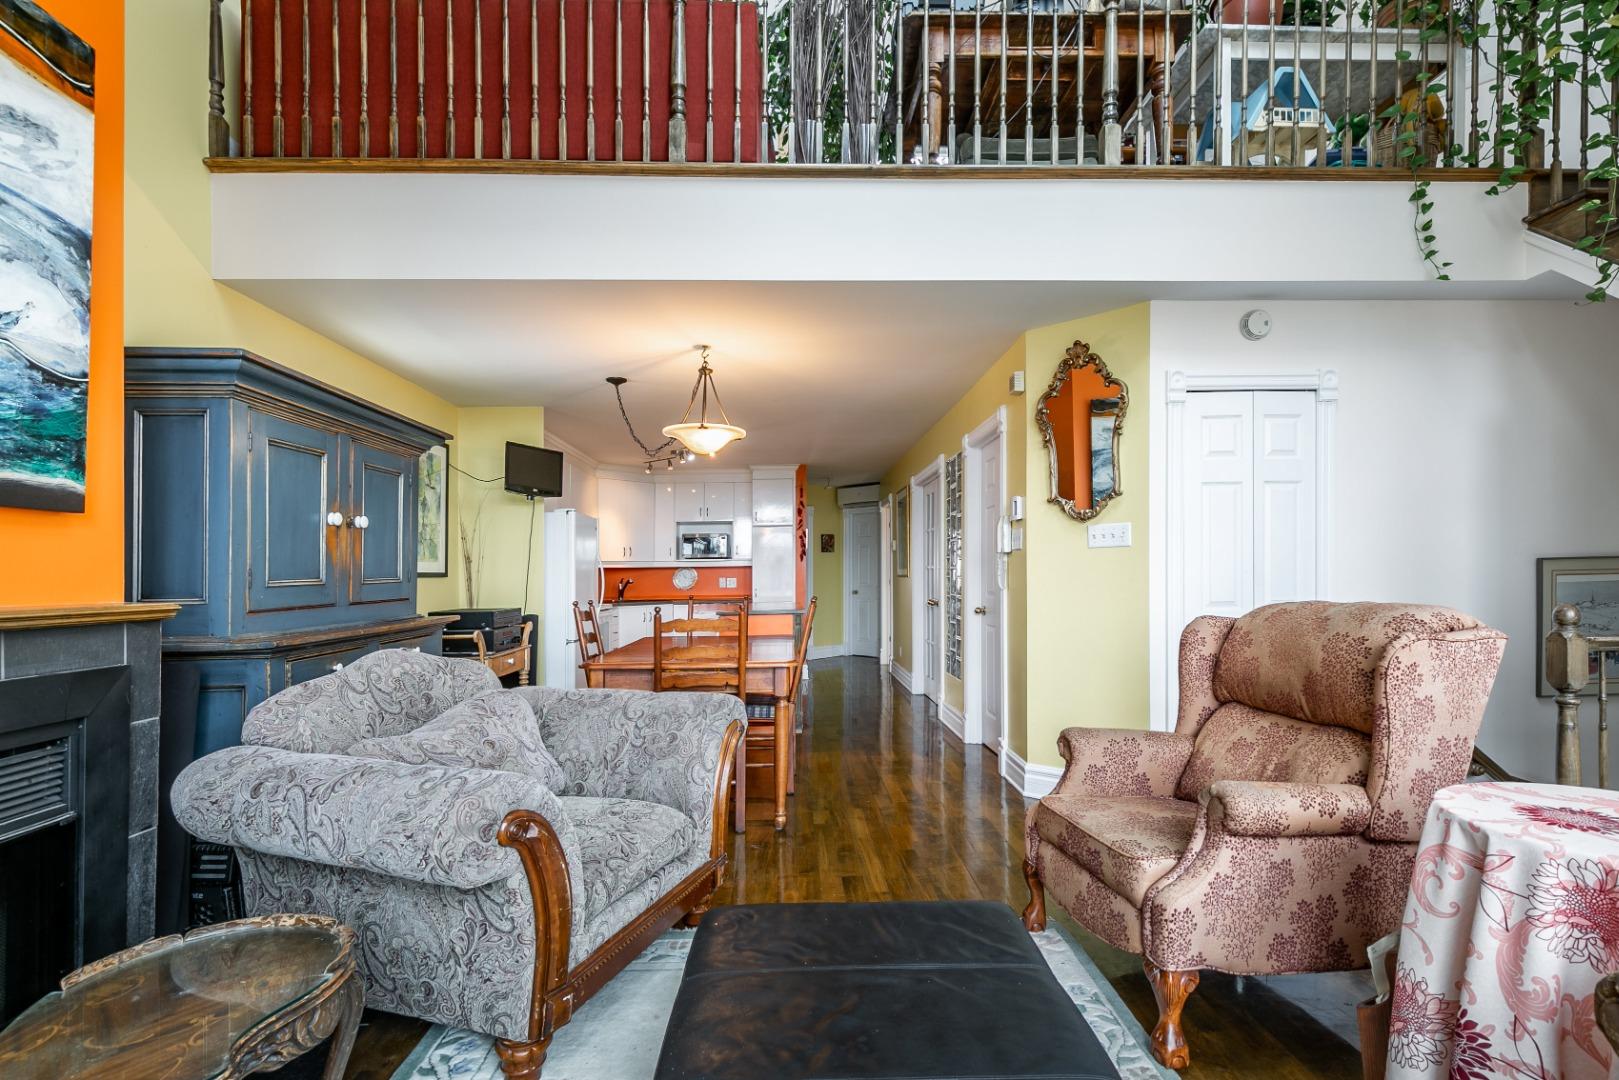 Condo à vendre Rosemont 6529 rue Cartier Montréal-8.jpg